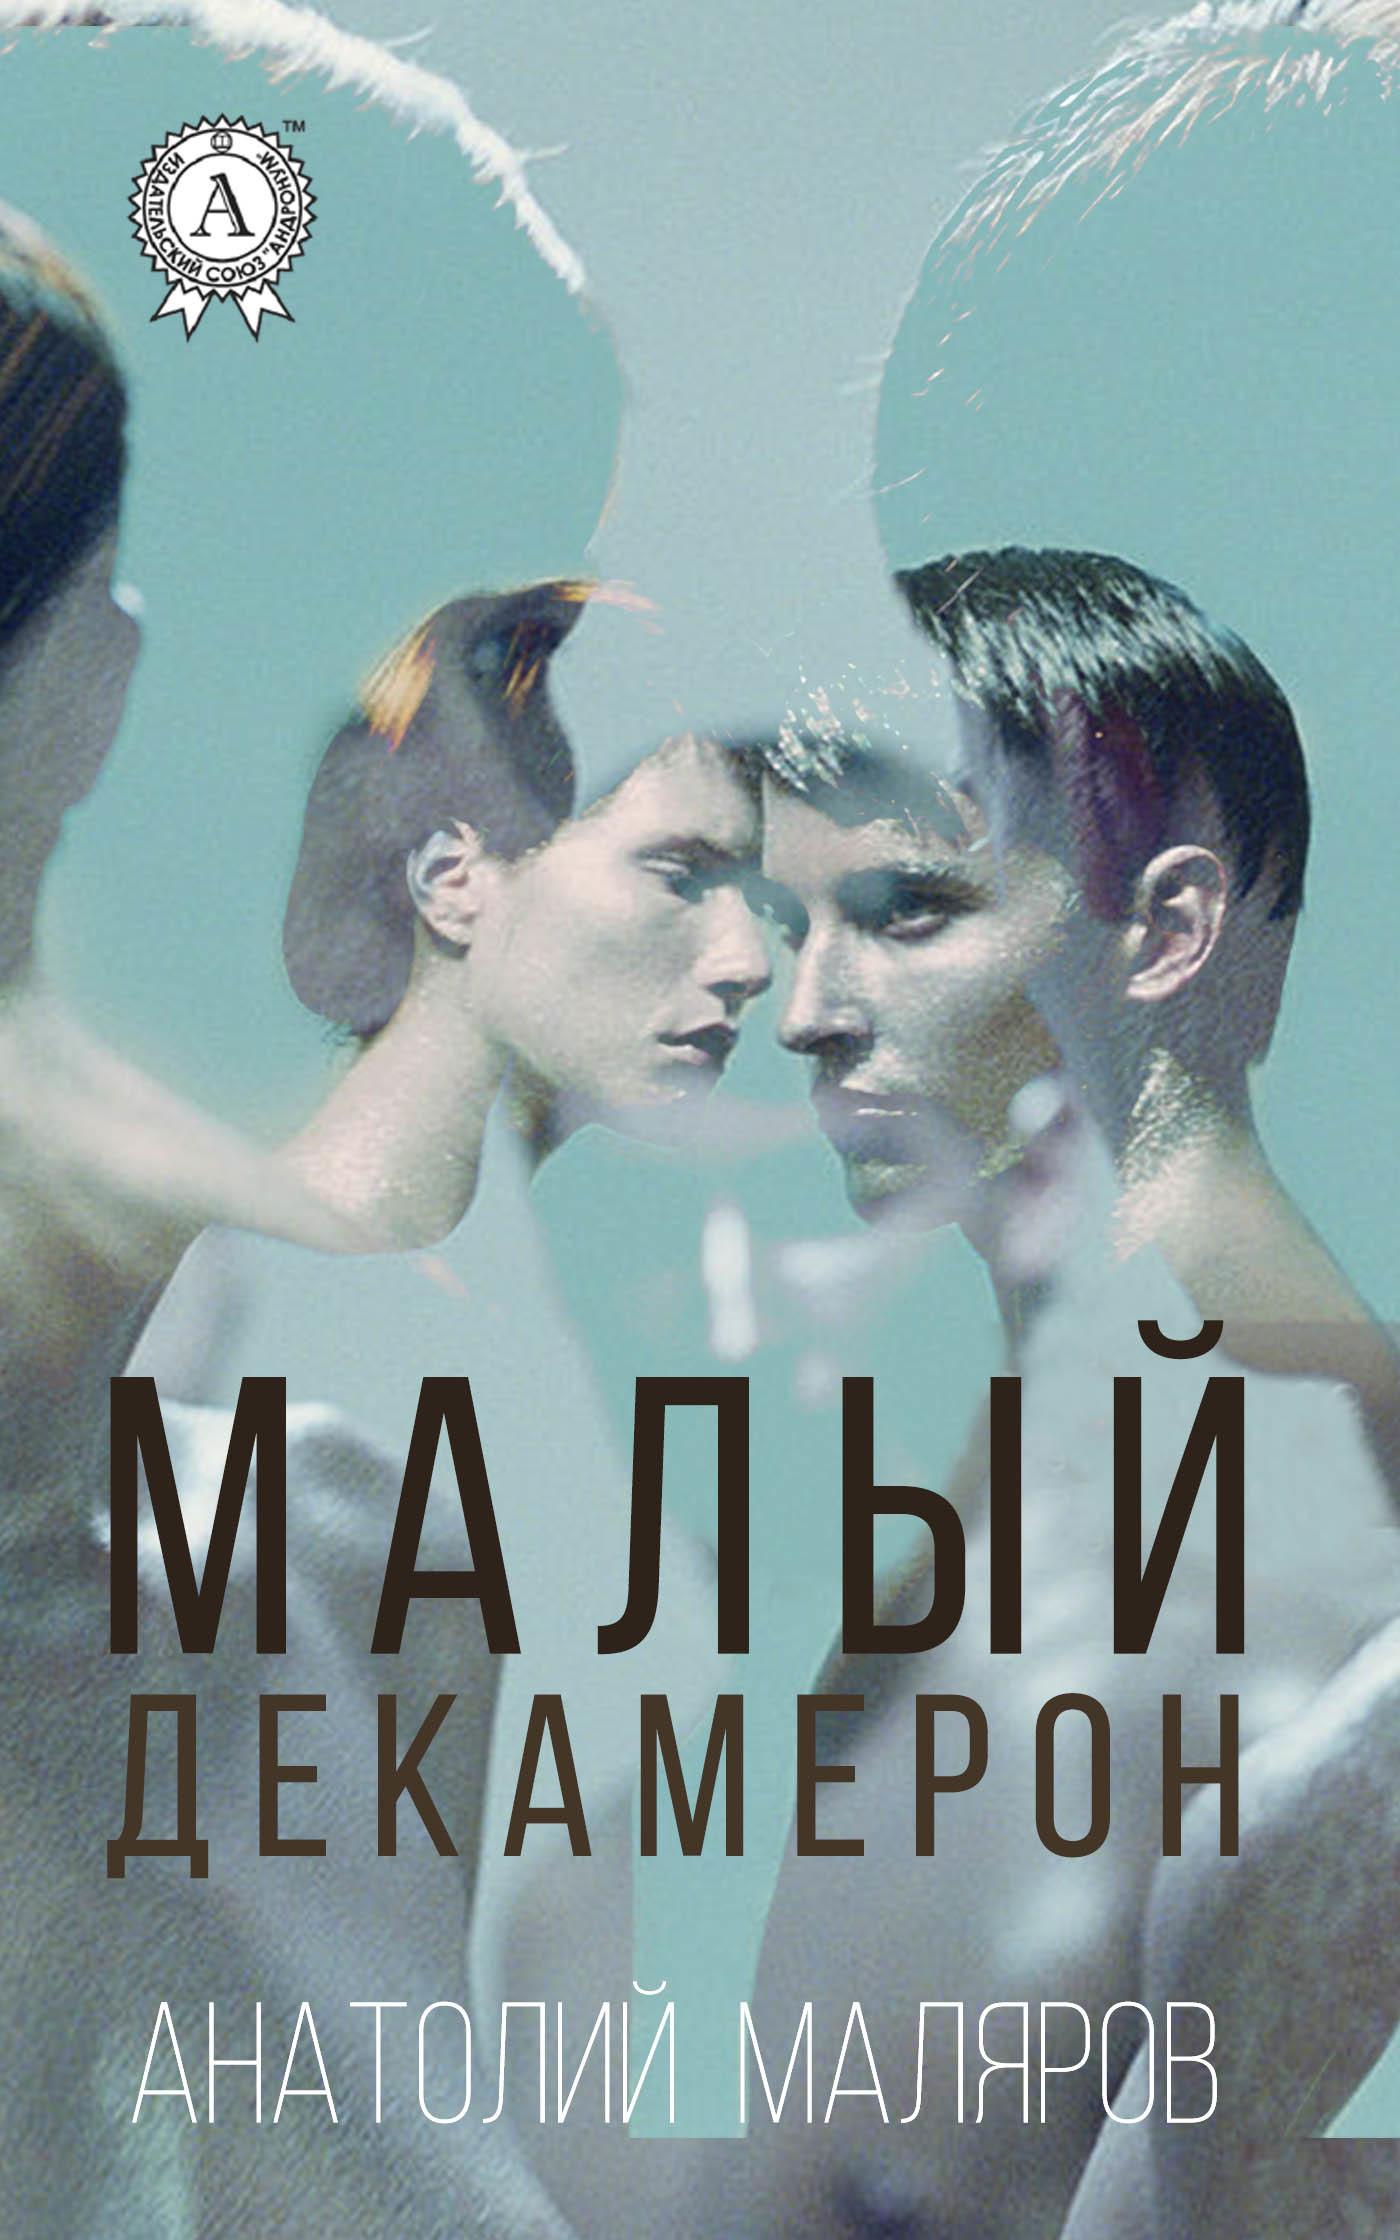 Анатолий Маляров бесплатно